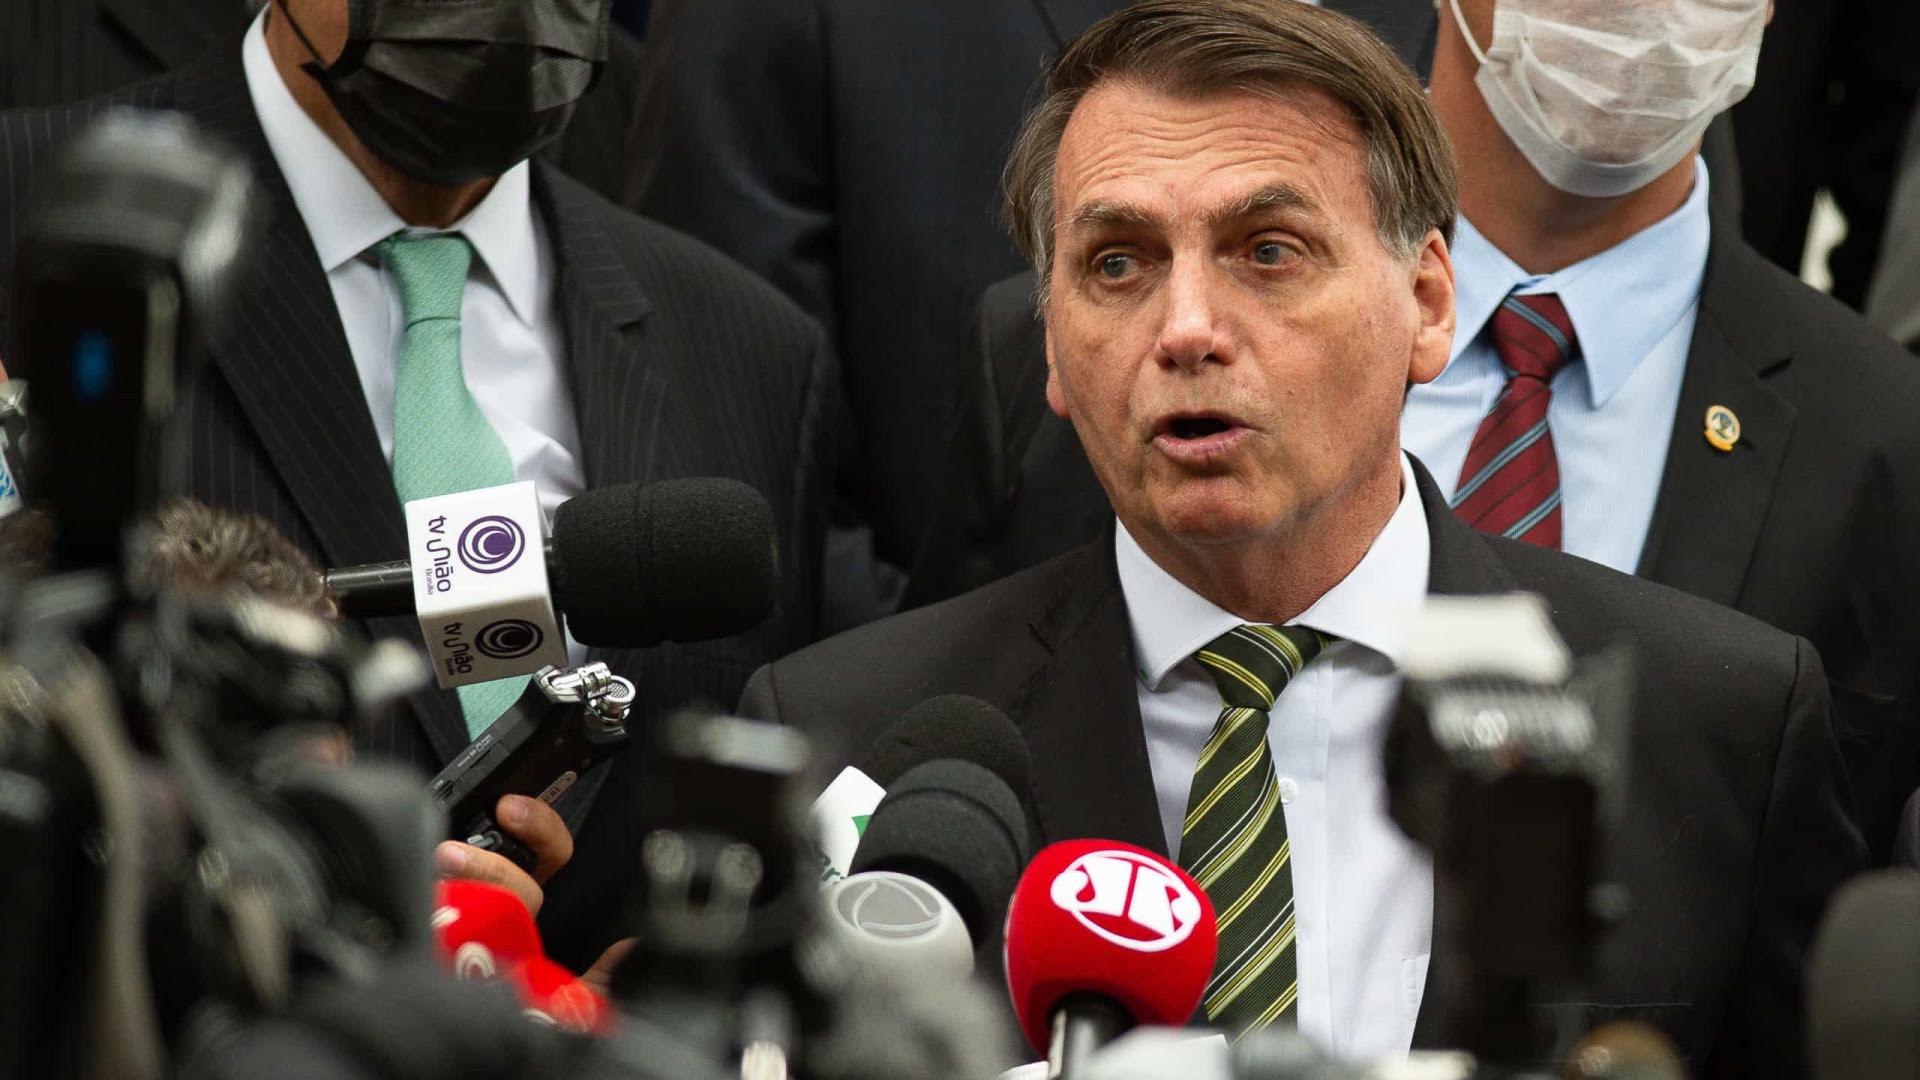 Judiciário vê reação de Bolsonaro como temor de julgamento no TSE